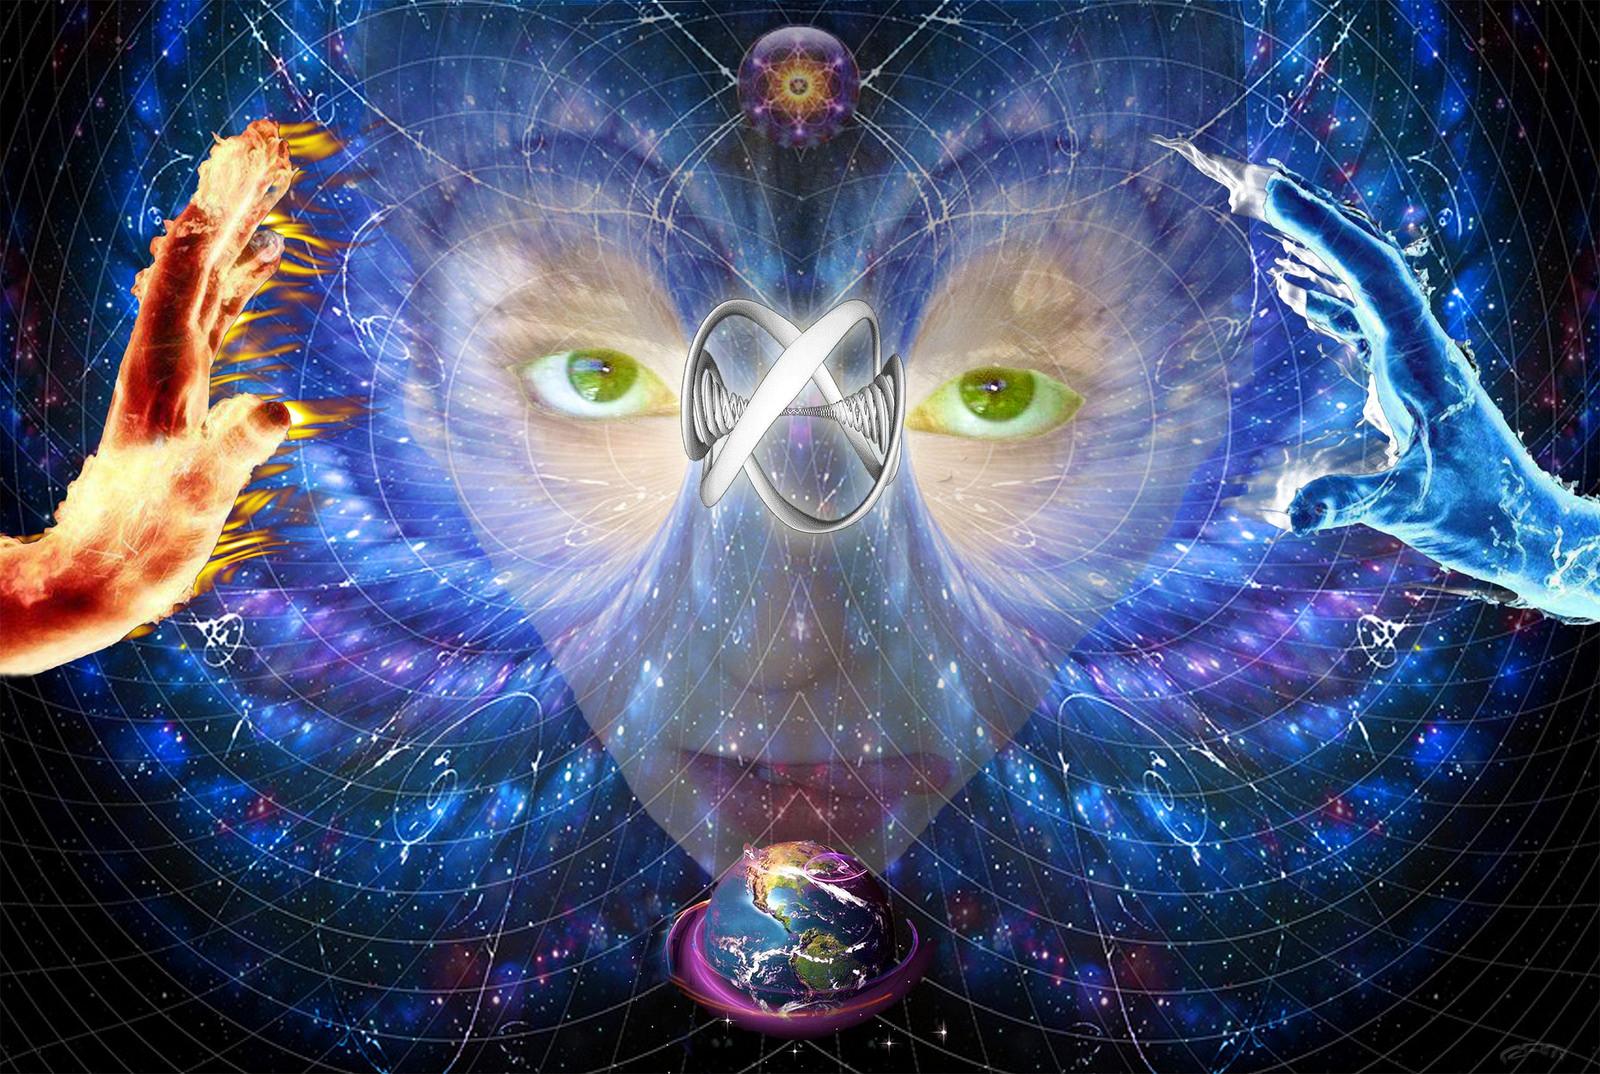 экстрасенсорика, теория как экстрасенсы видят будущее, прошлое